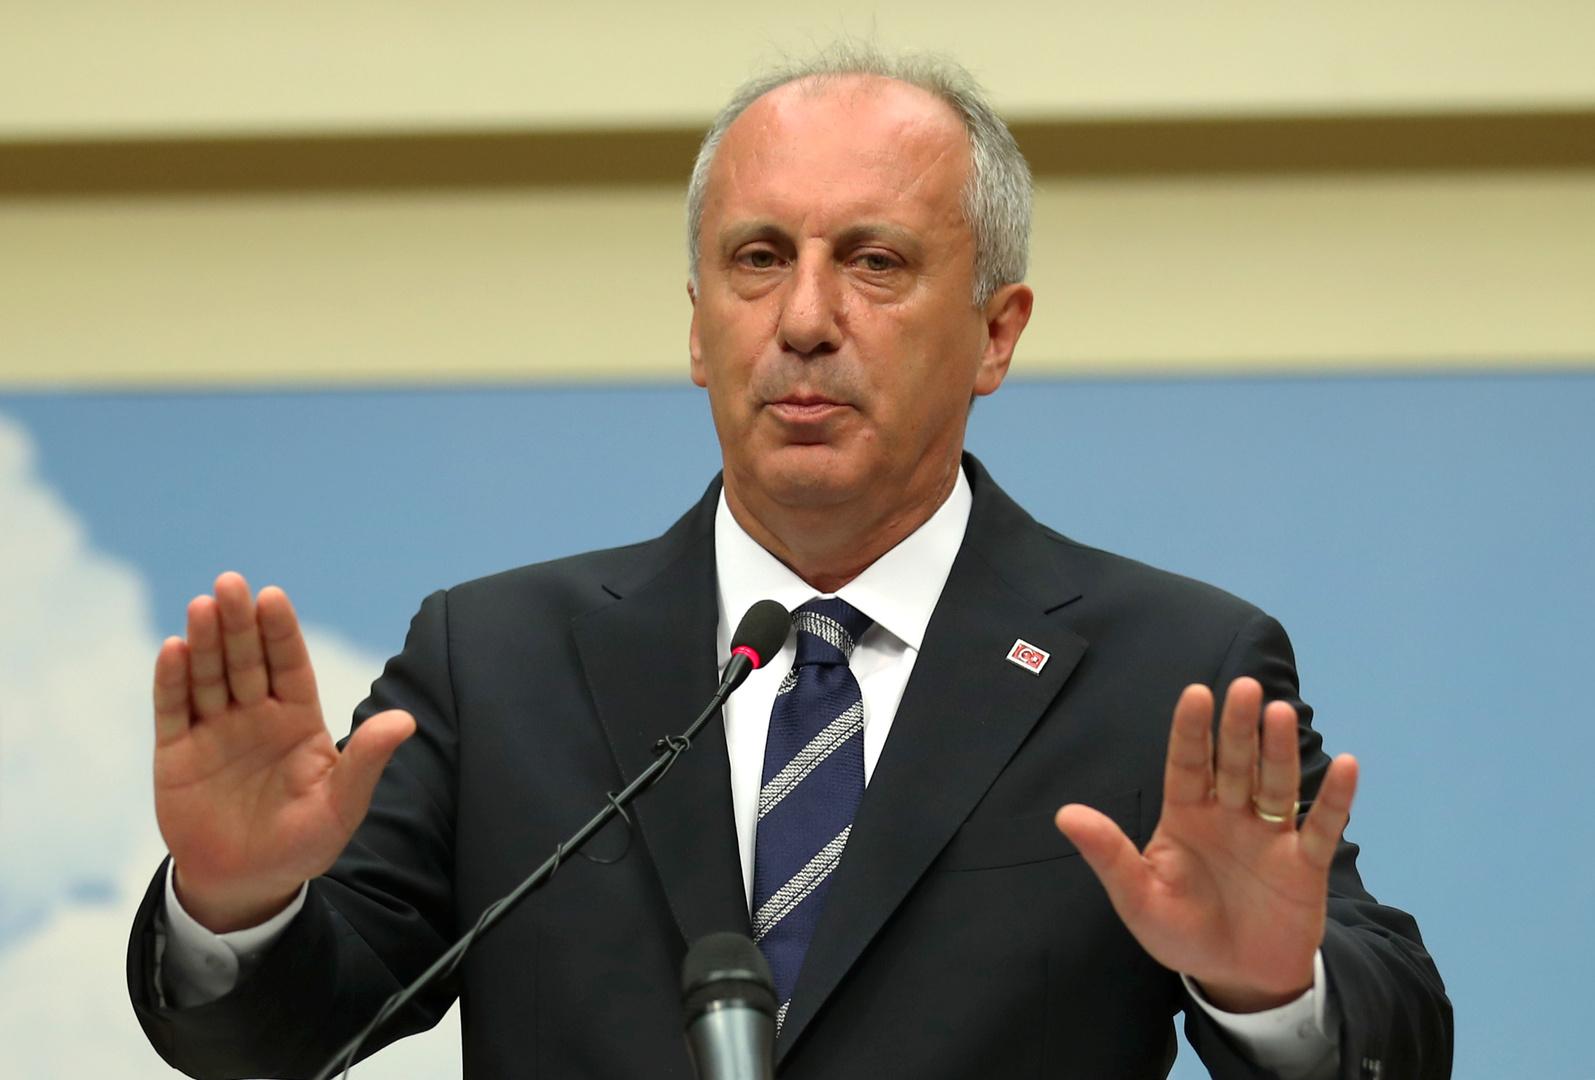 منافس أردوغان في الانتخابات الرئاسية السابقة: سأكشف الأسبوع المقبل تفاصيل كل شيء